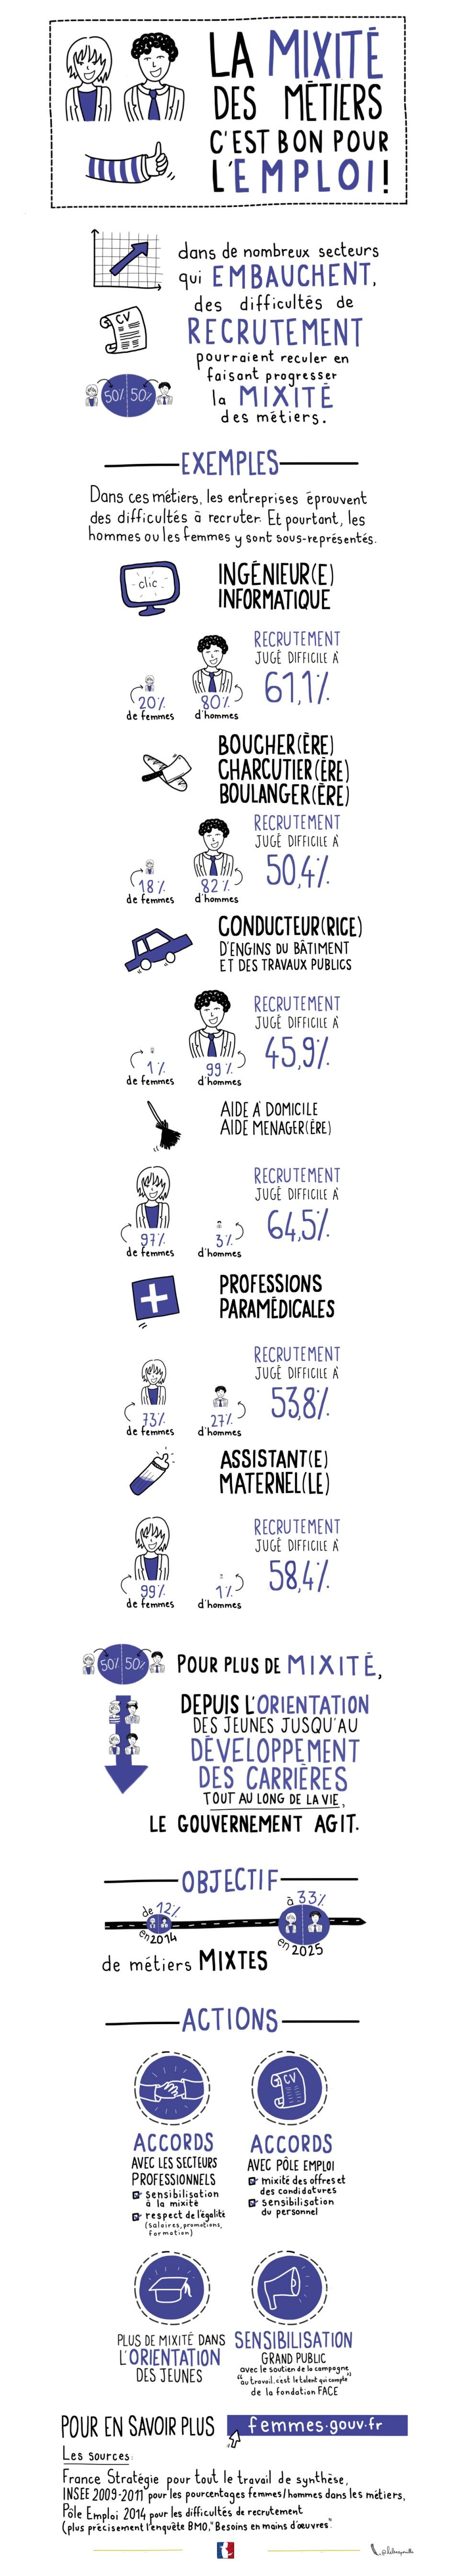 Infographie - La mixité des métiers, c'est bon pour l'emploi ! - voir en plus grand